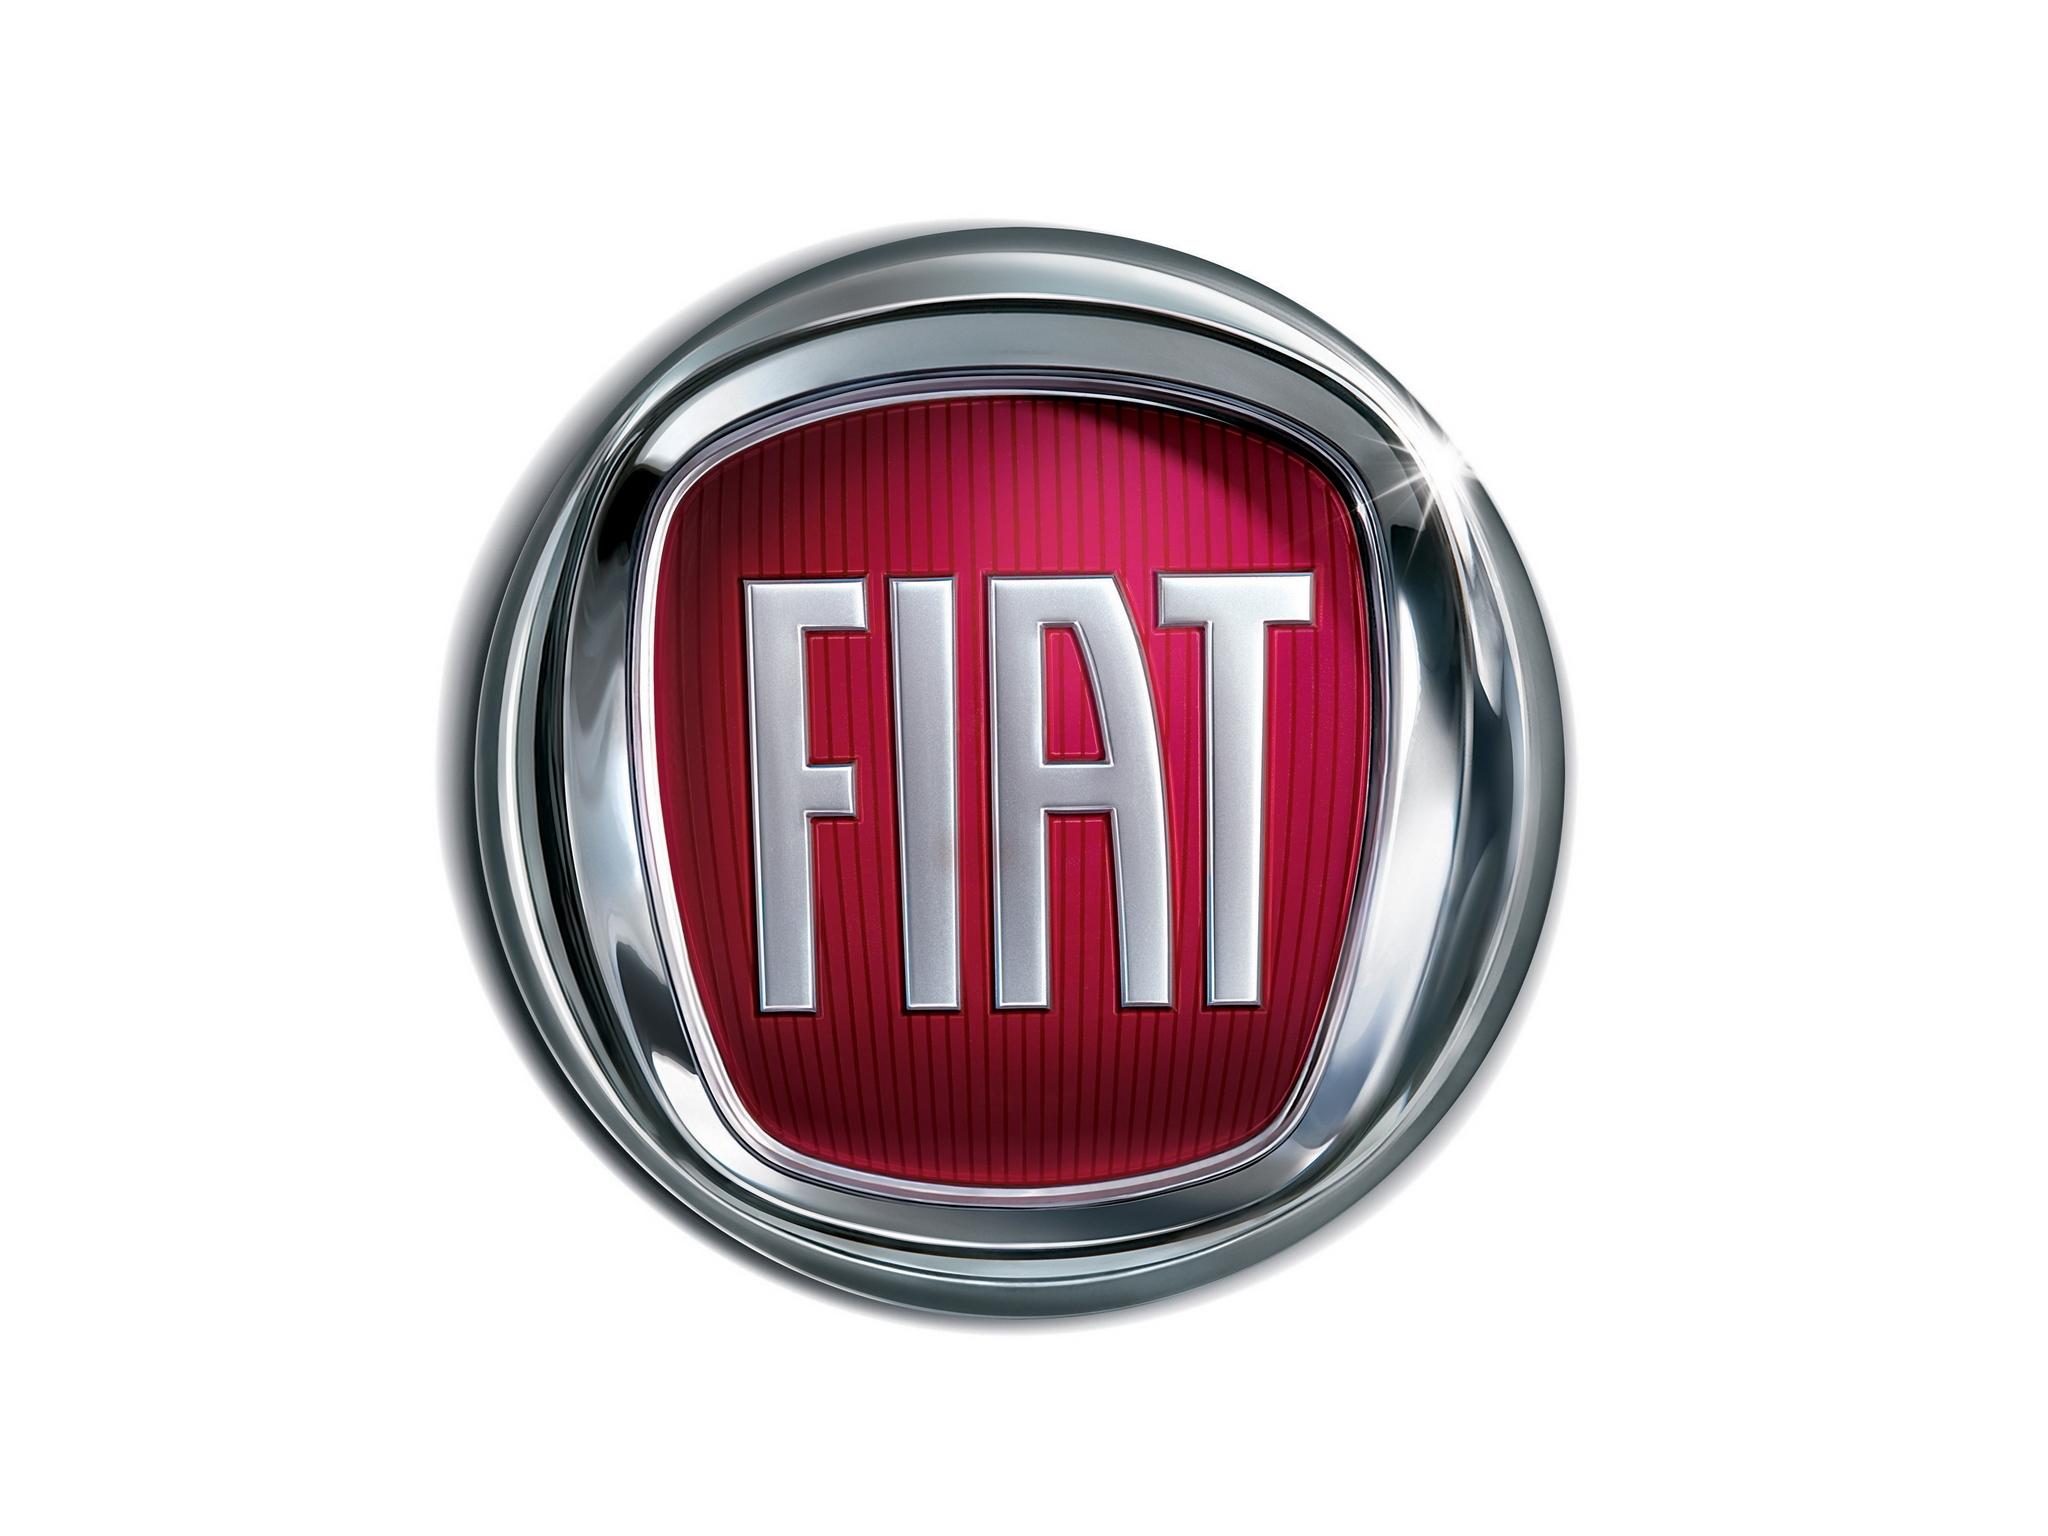 12556 télécharger le fond d'écran Transports, Voitures, Marques, Logos, Fiat - économiseurs d'écran et images gratuitement